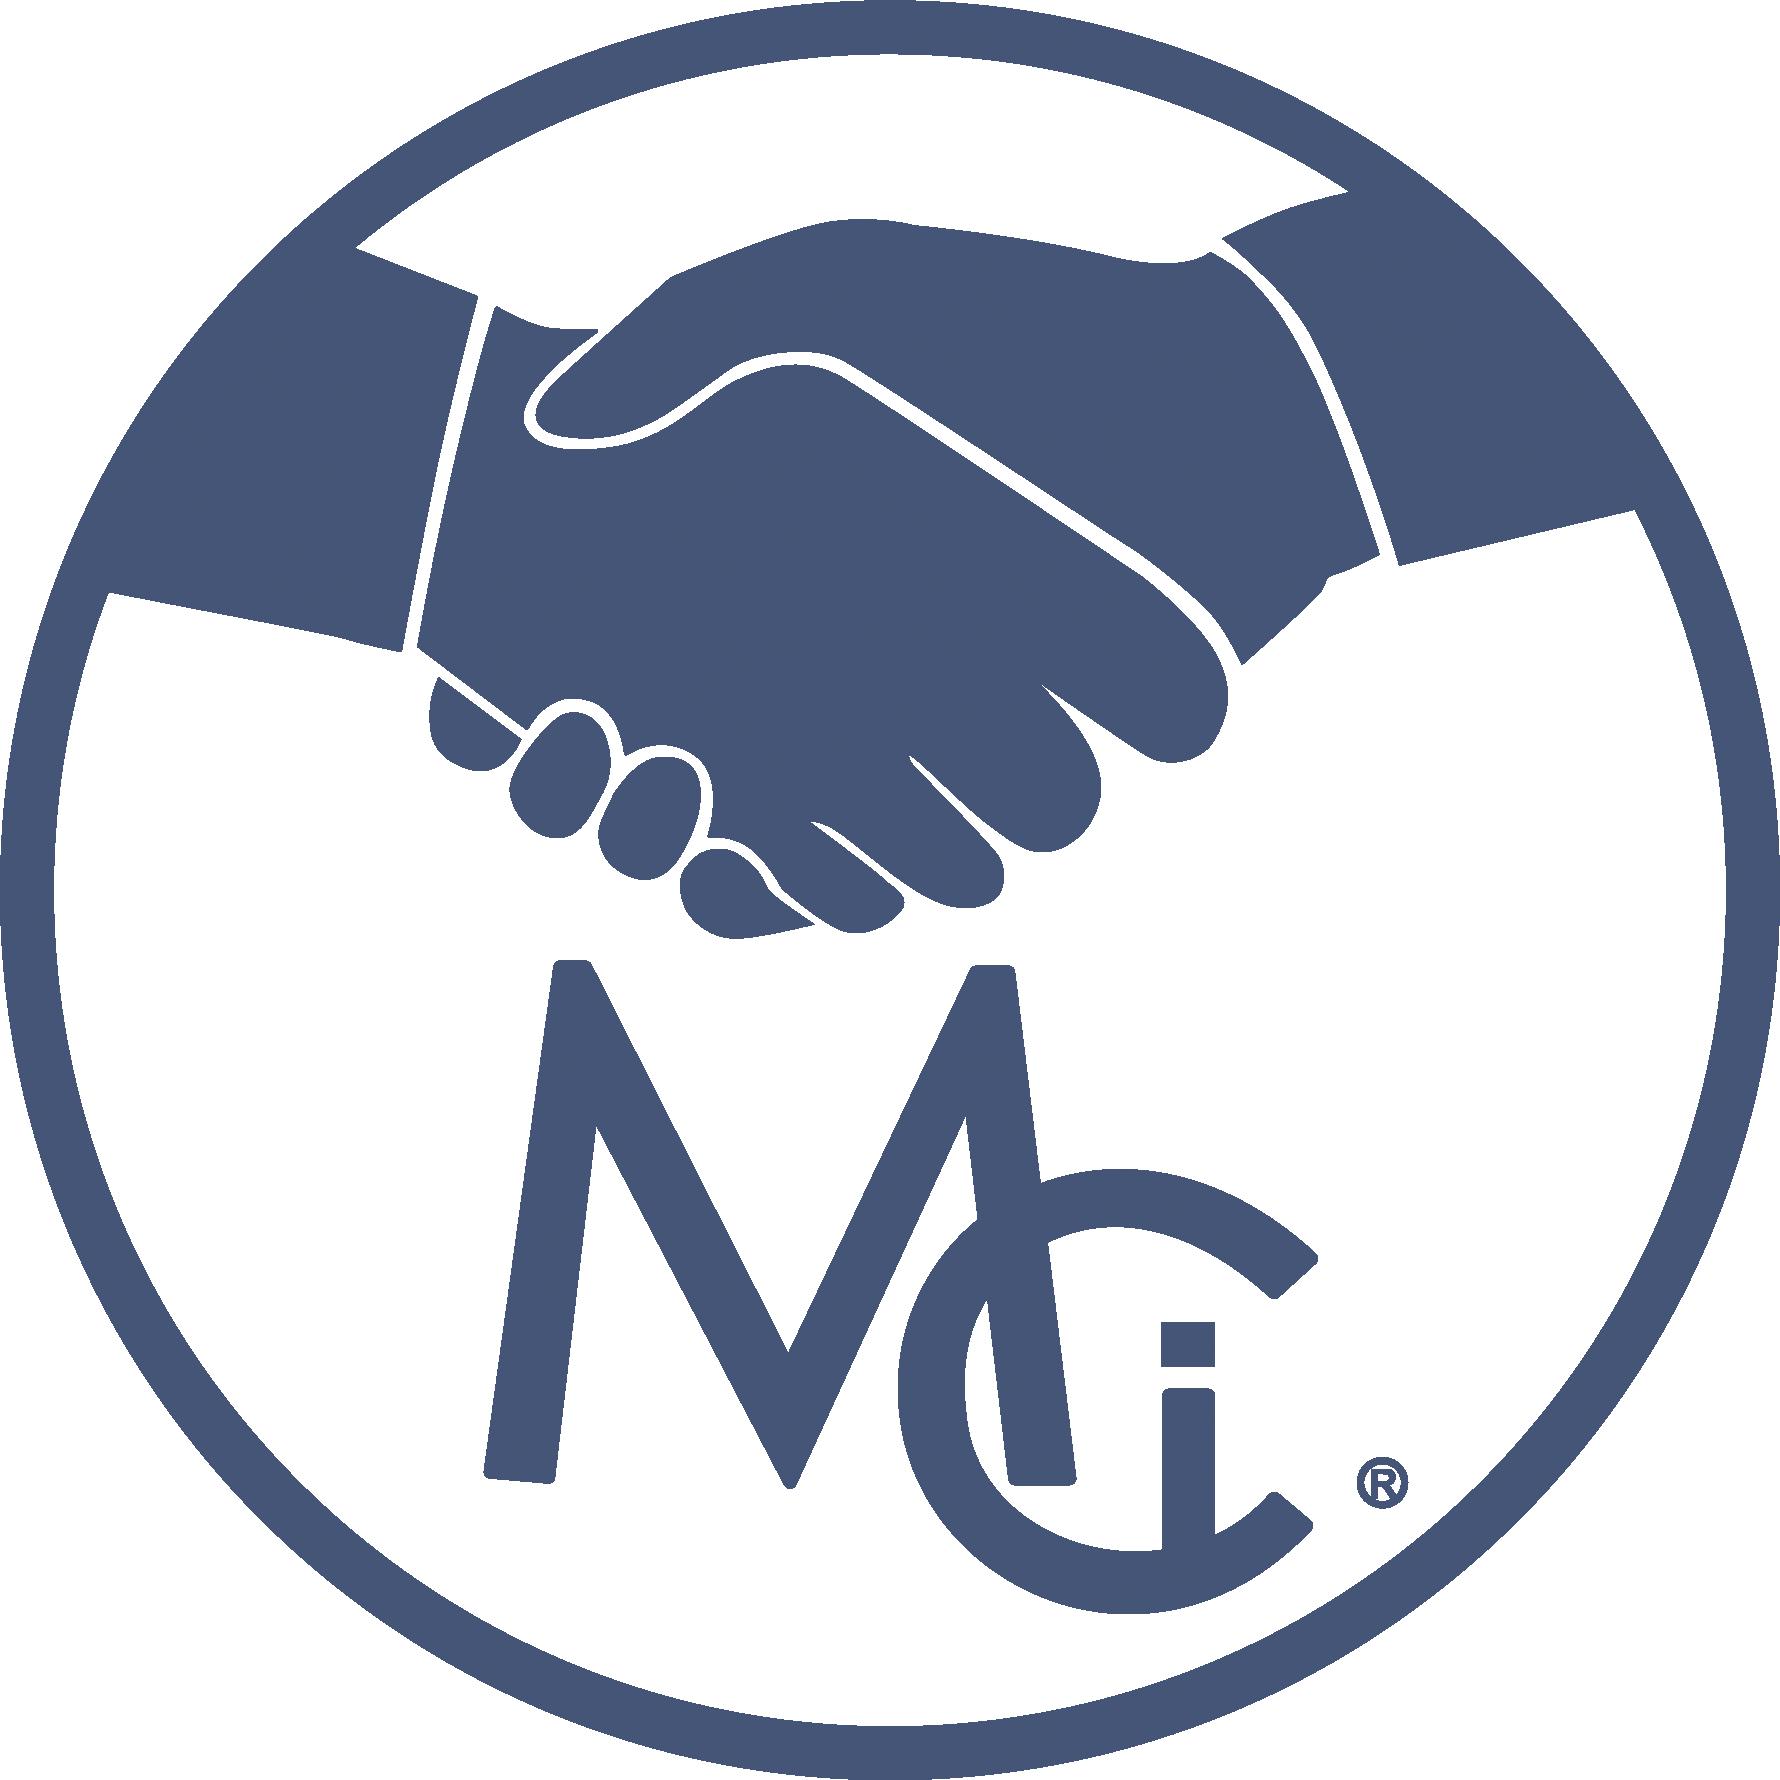 Empresas Desafio10x: MCI SpA